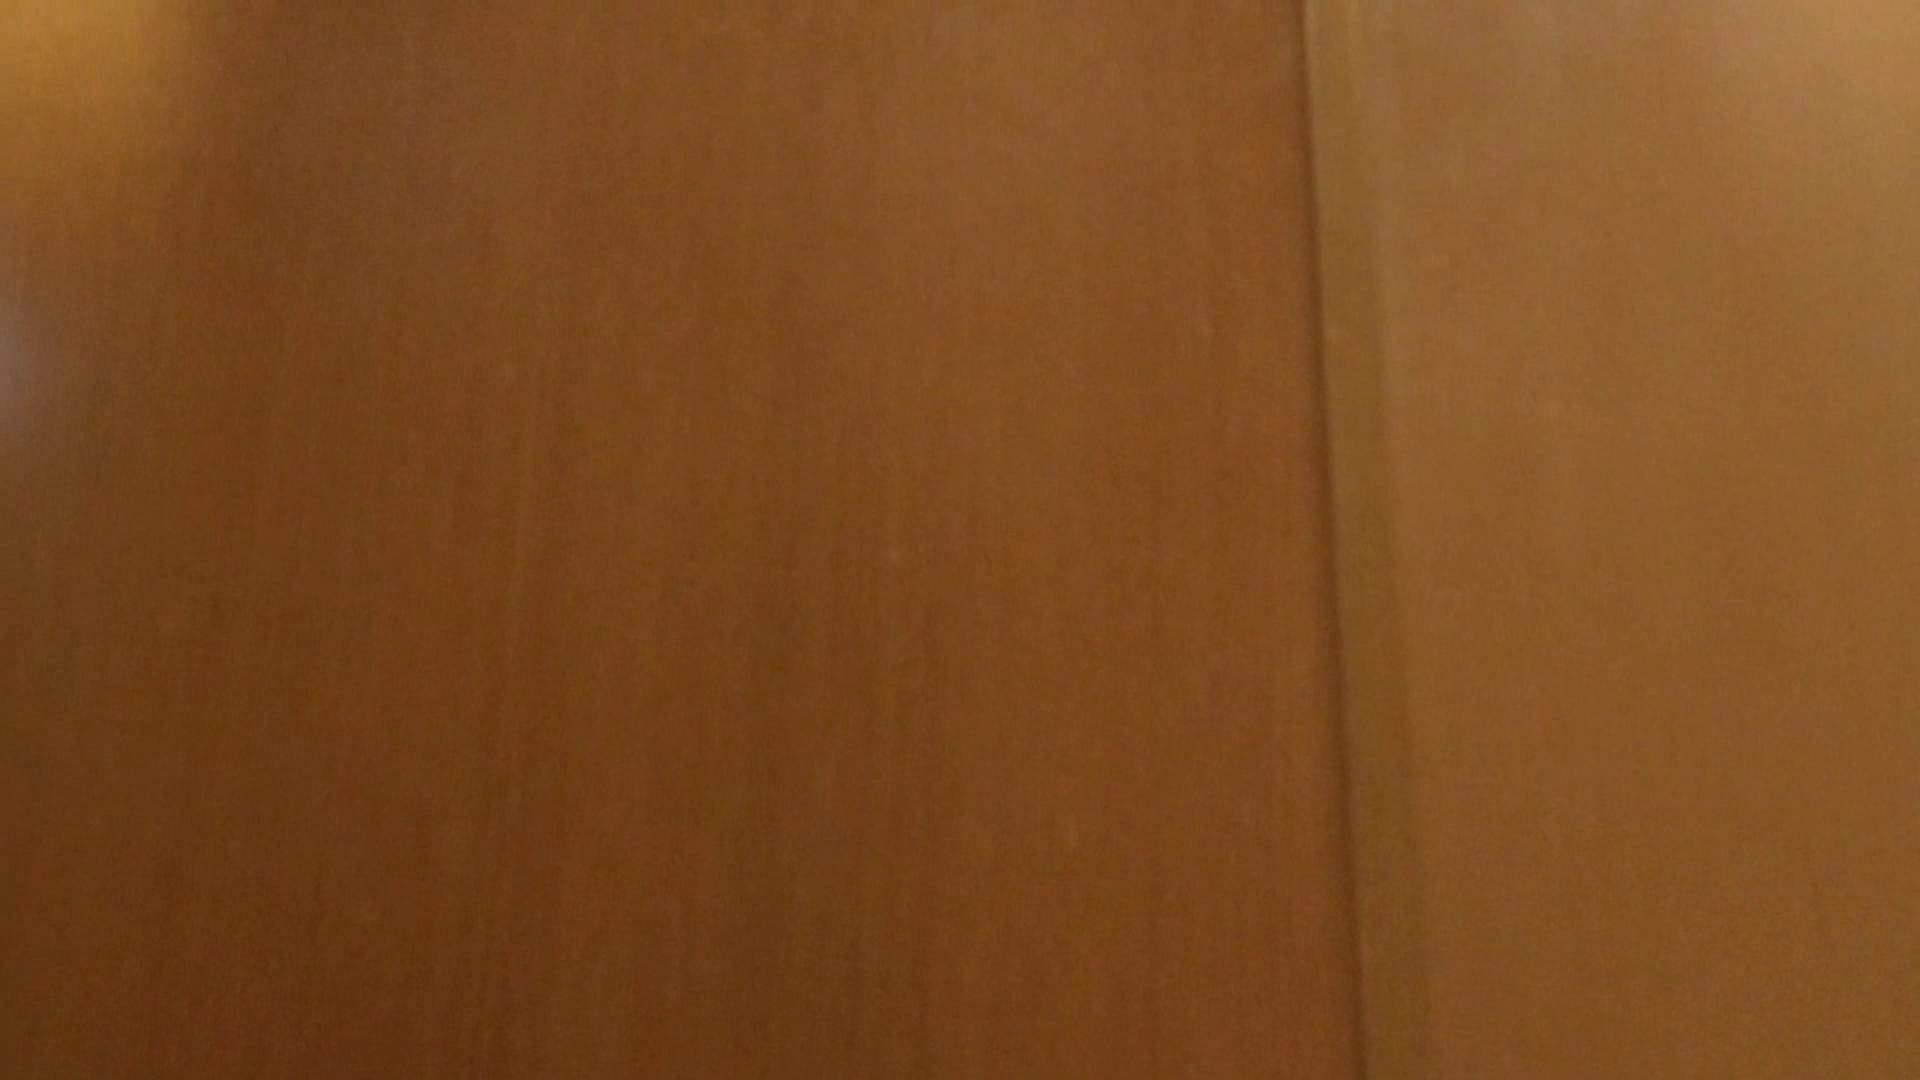 「噂」の国の厠観察日記2 Vol.02 人気シリーズ AV無料動画キャプチャ 96枚 8